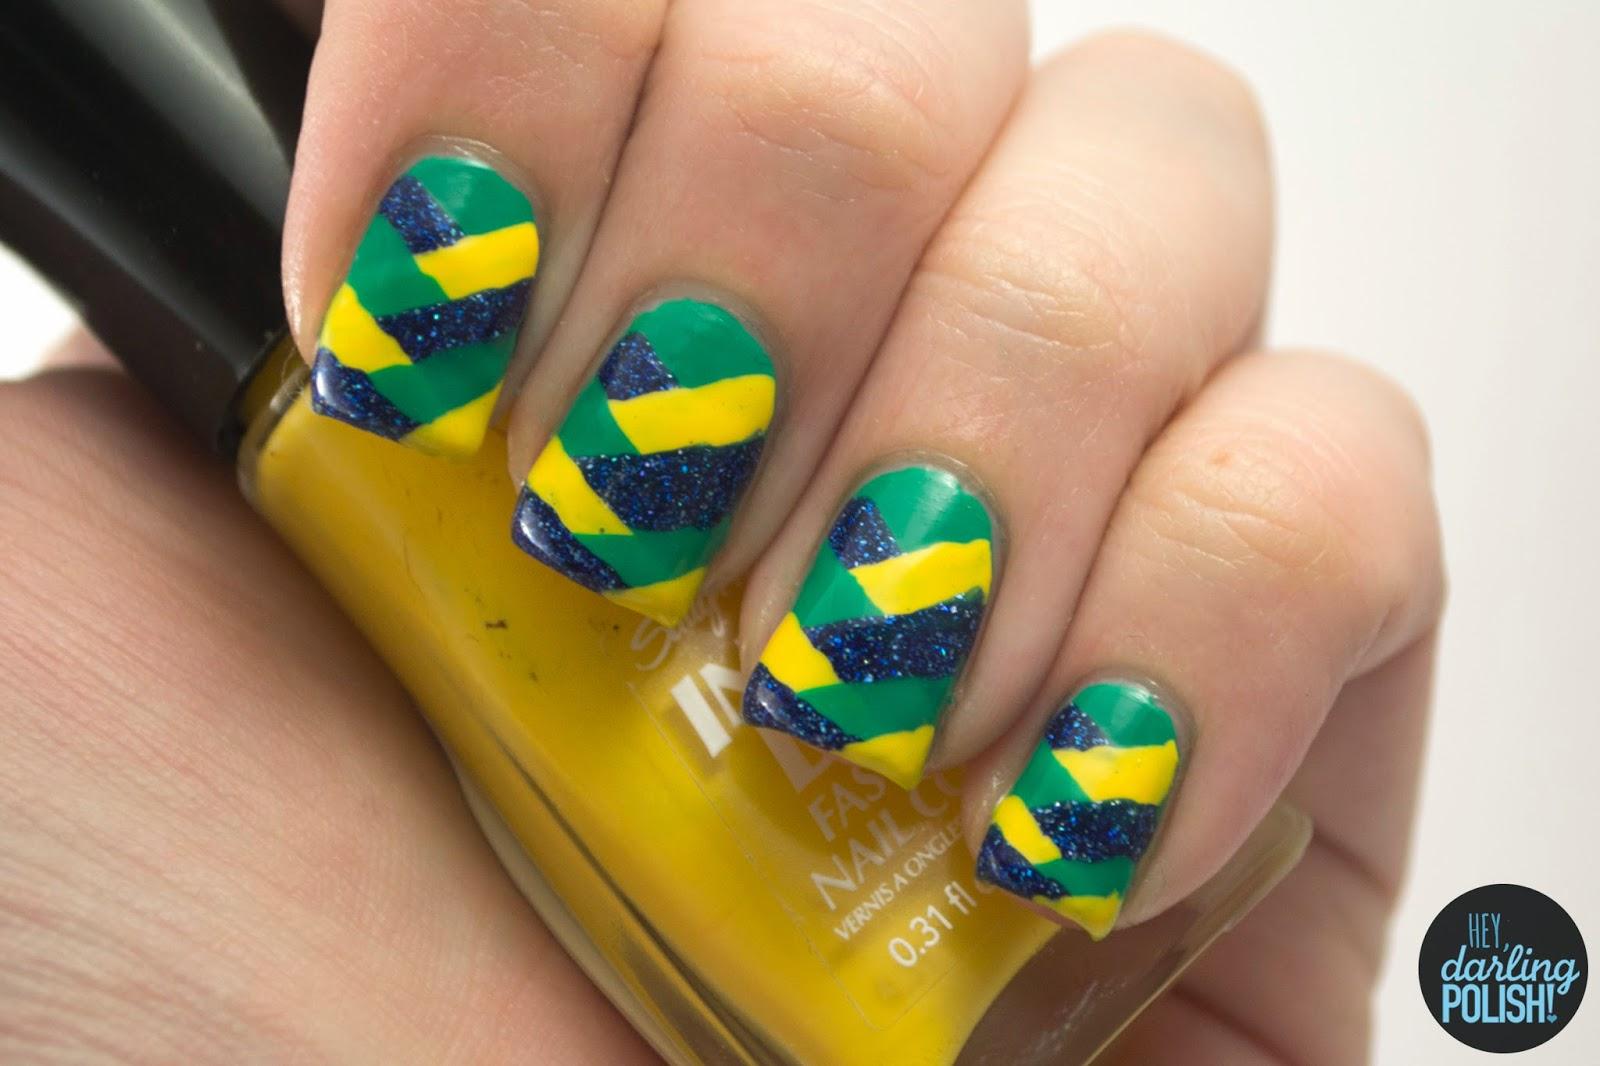 nails, nail art, nail polish, polish fishtail, green, blue, yellow, theme buffet, hey darling polish